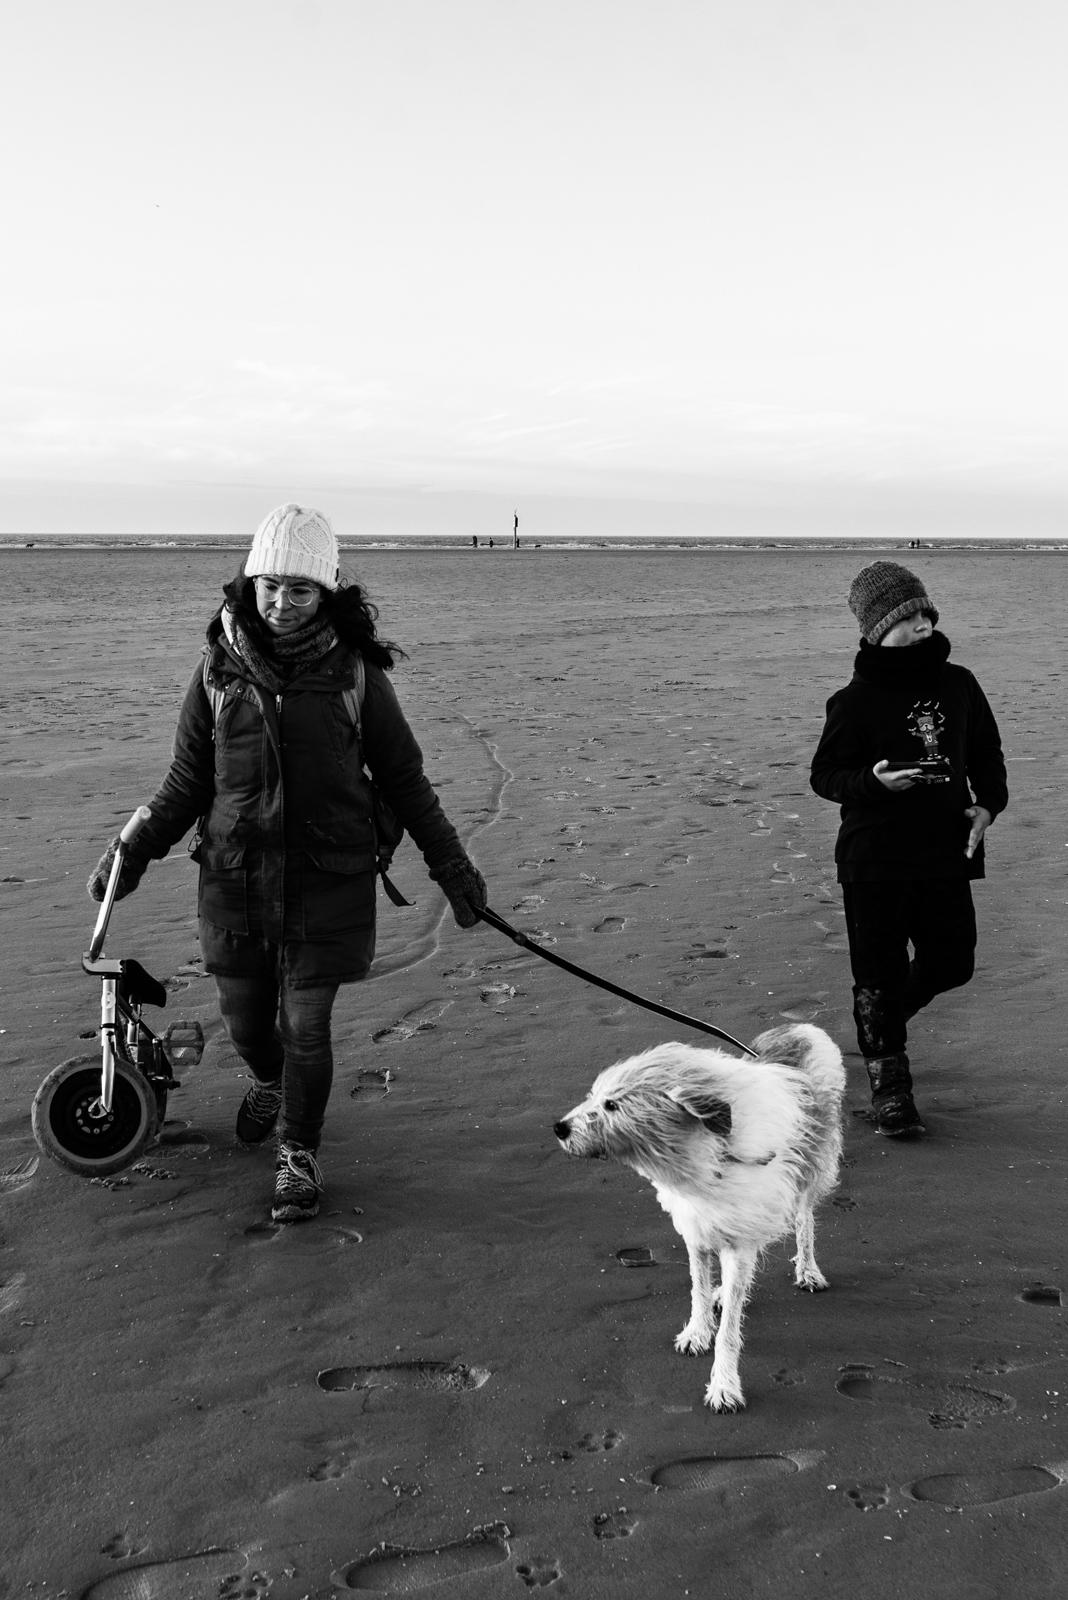 Dokumentarische Familienfotografie am Strand